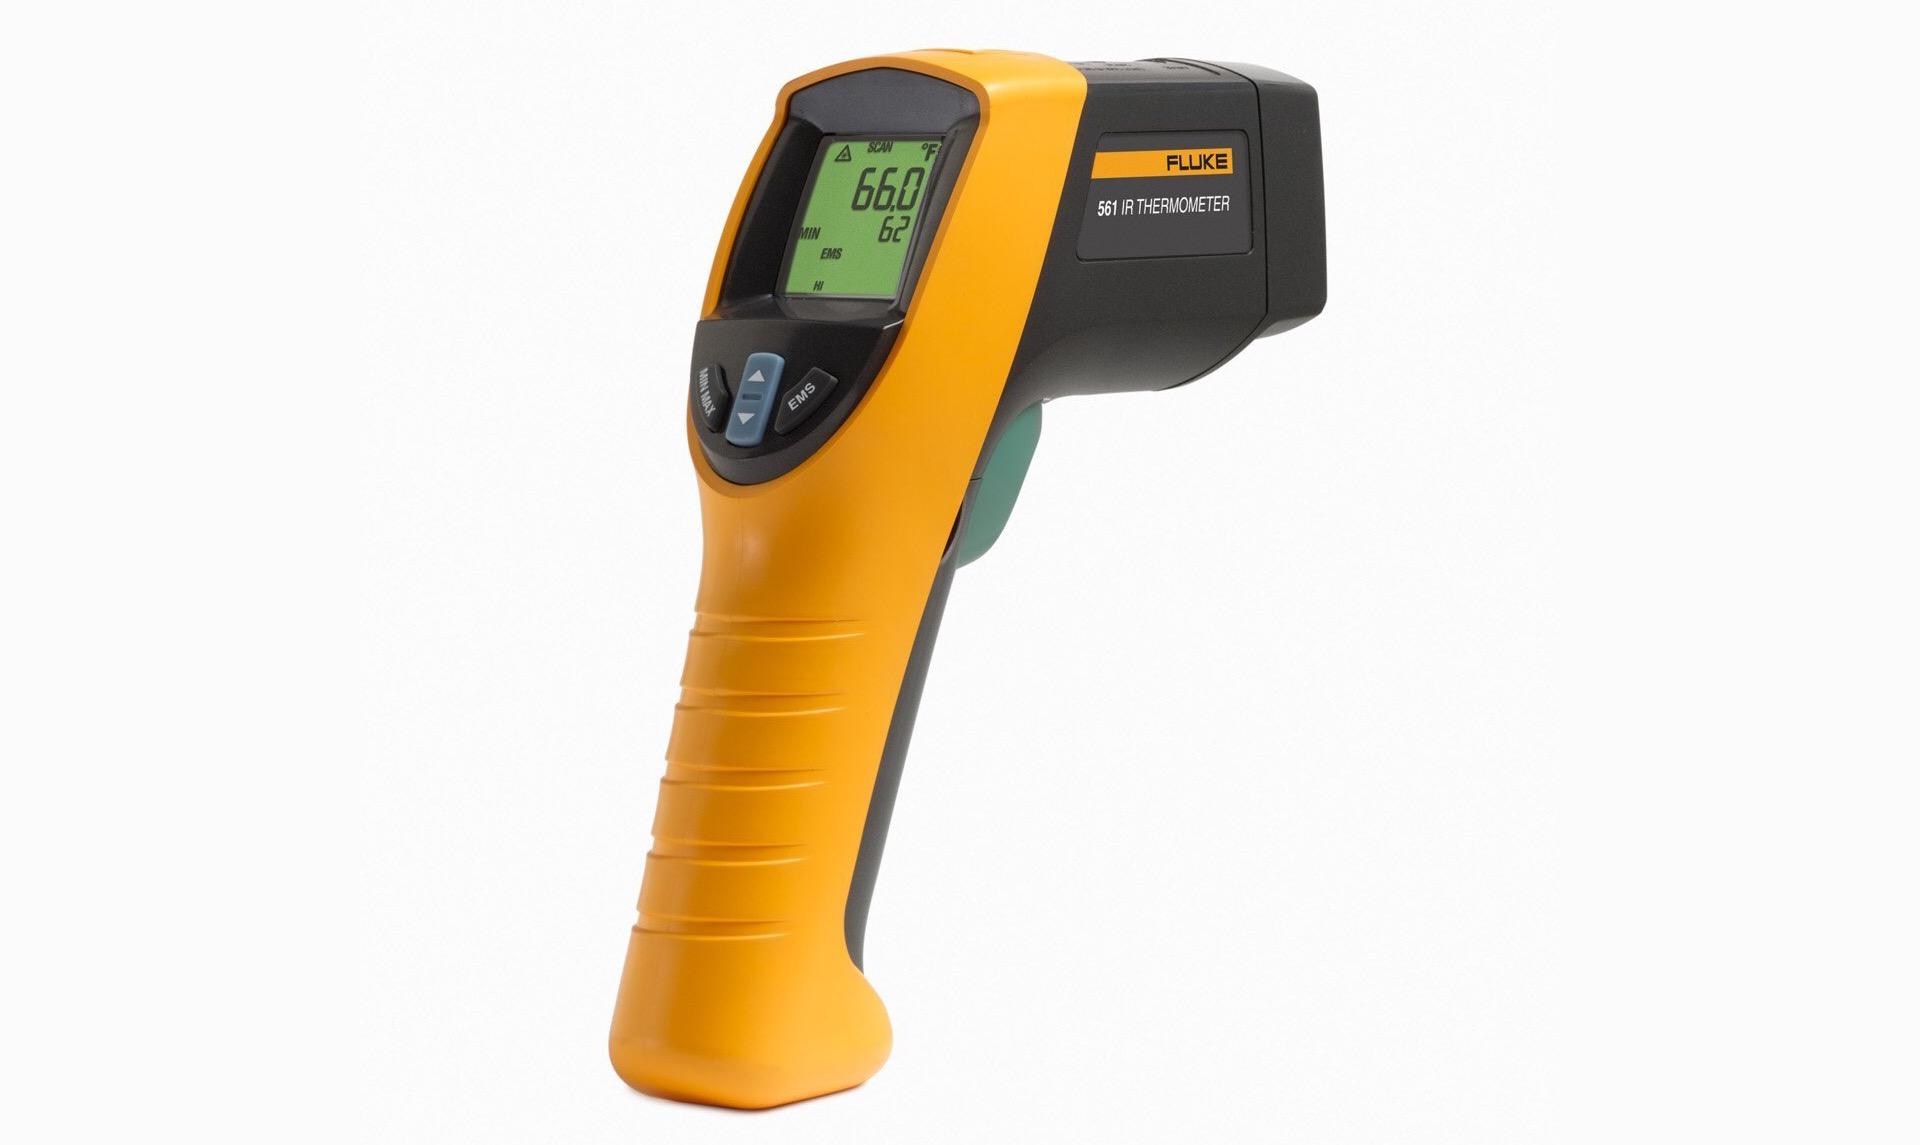 Fluke 561 infrared thermometer. ($183)